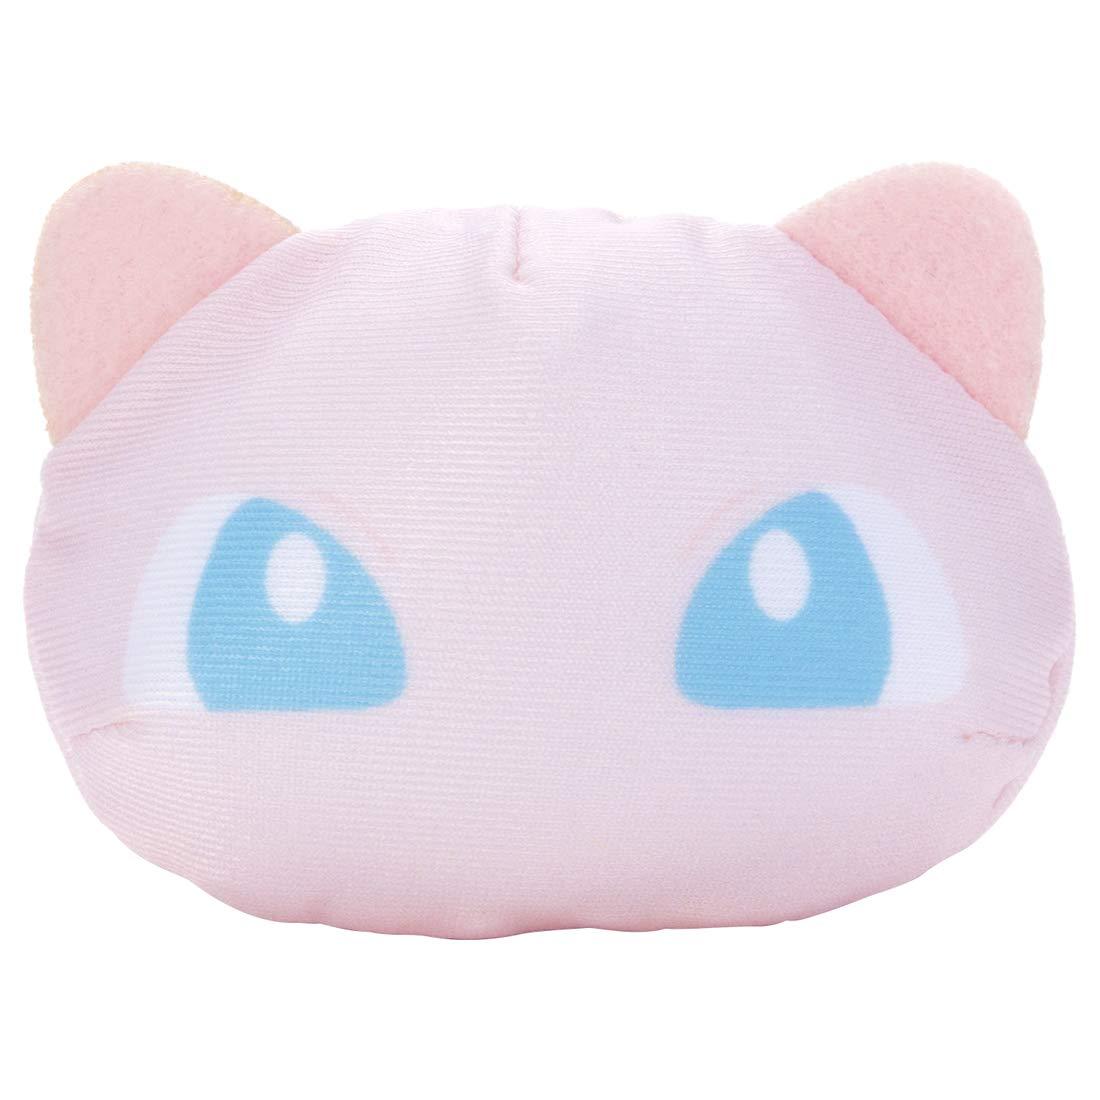 【寶可夢 疊疊樂娃娃】寶可夢 沙包 疊疊樂 滑鼠靠墊 娃娃 夢幻 日本正版 該該貝比日本精品